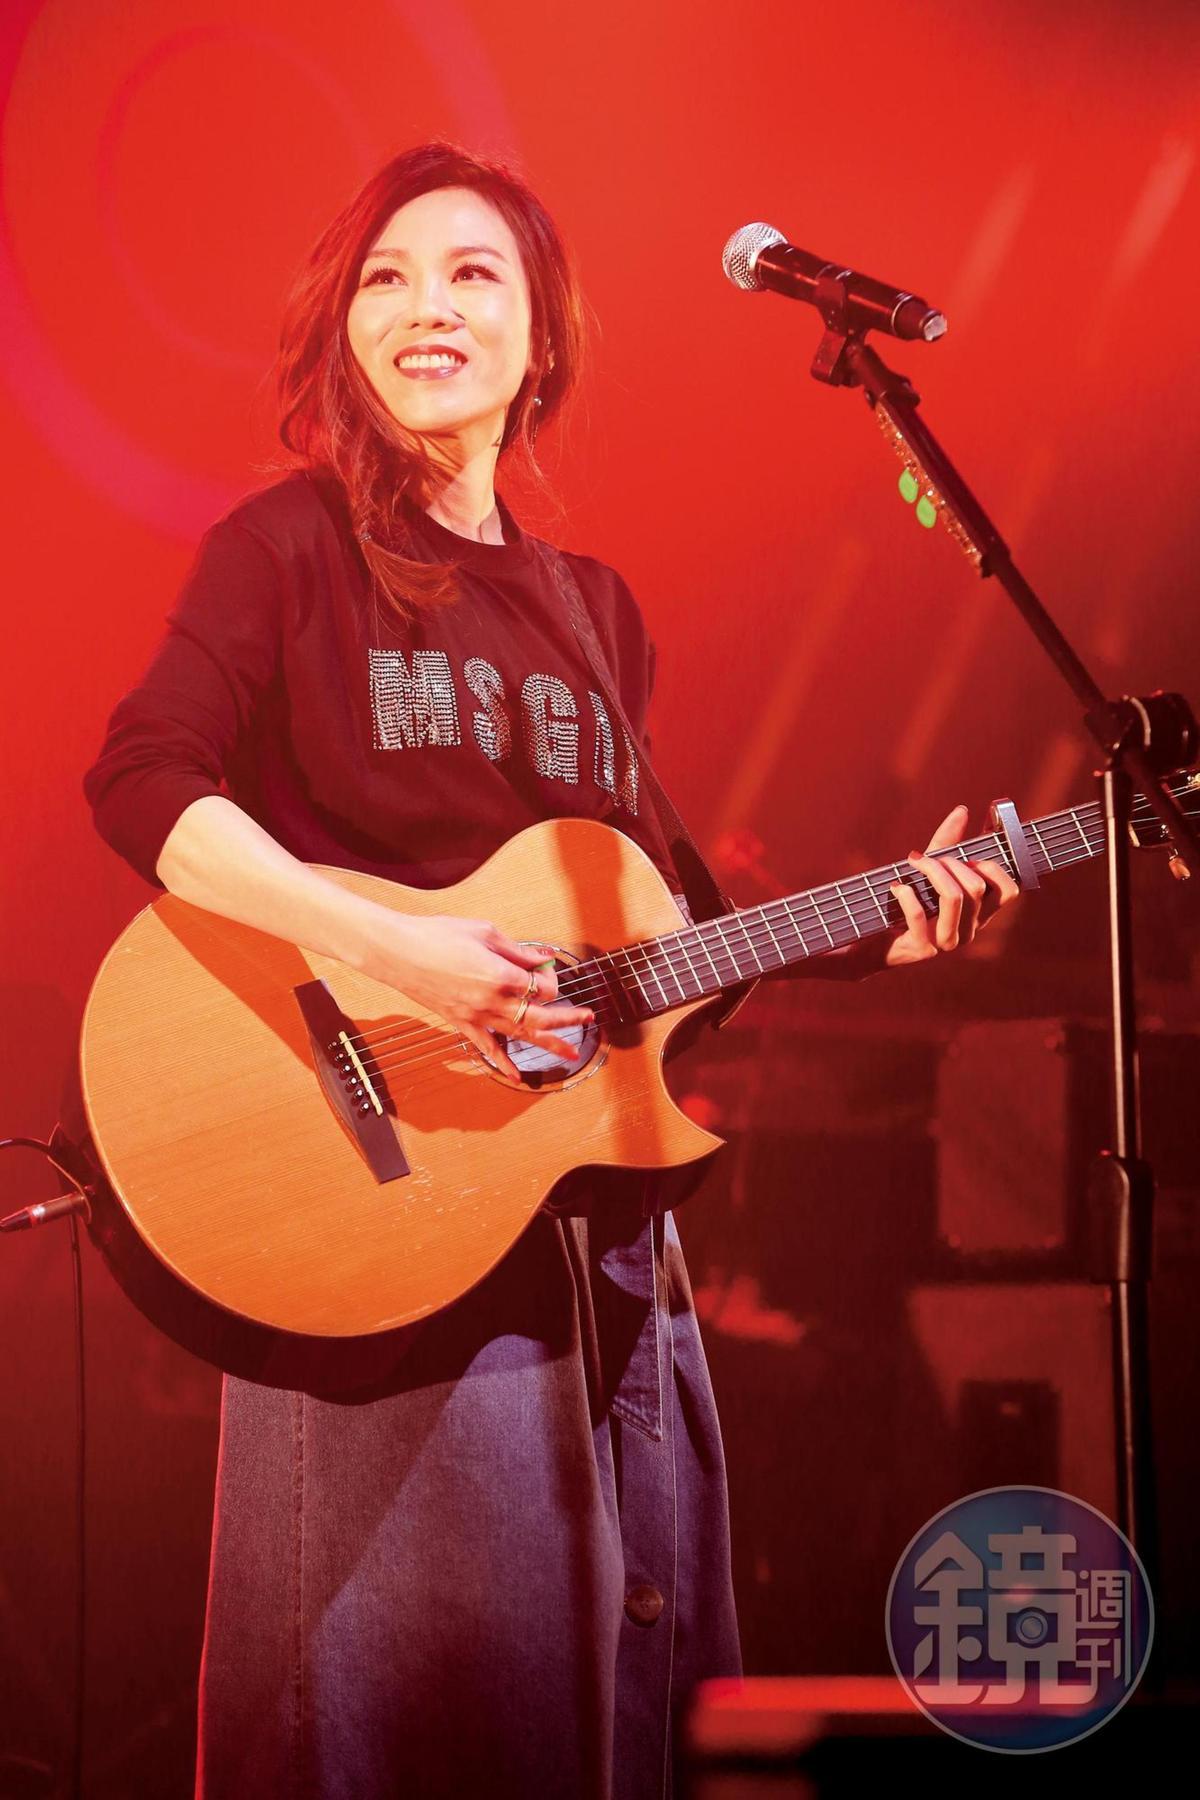 蔡健雅創作力豐沛,更是金曲常勝軍,新歌〈遺書〉令人心一驚。